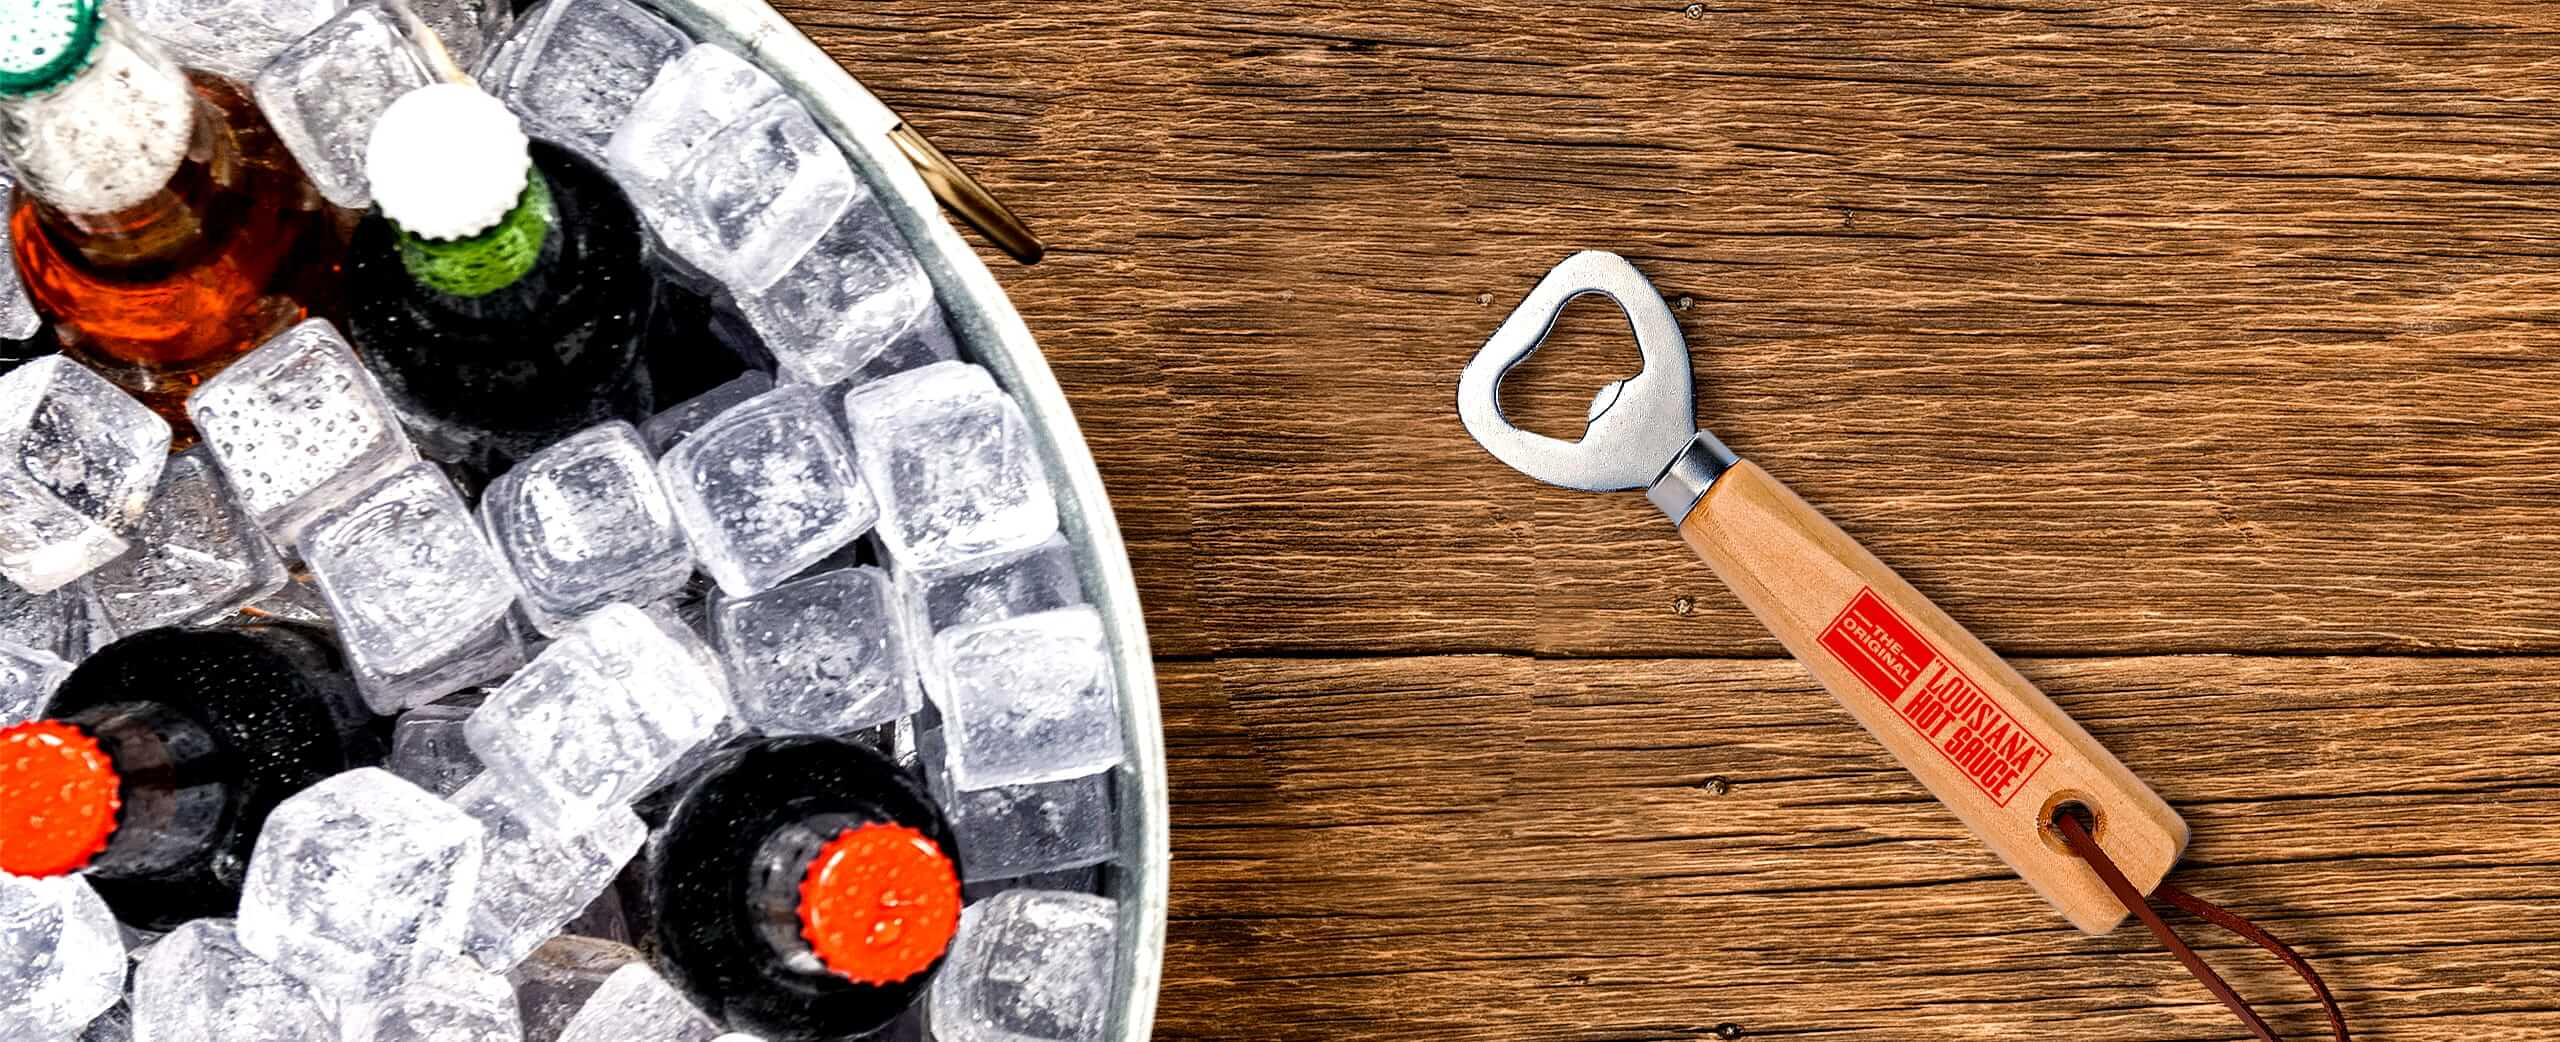 louisiana-hot-sauce-bottle-opener